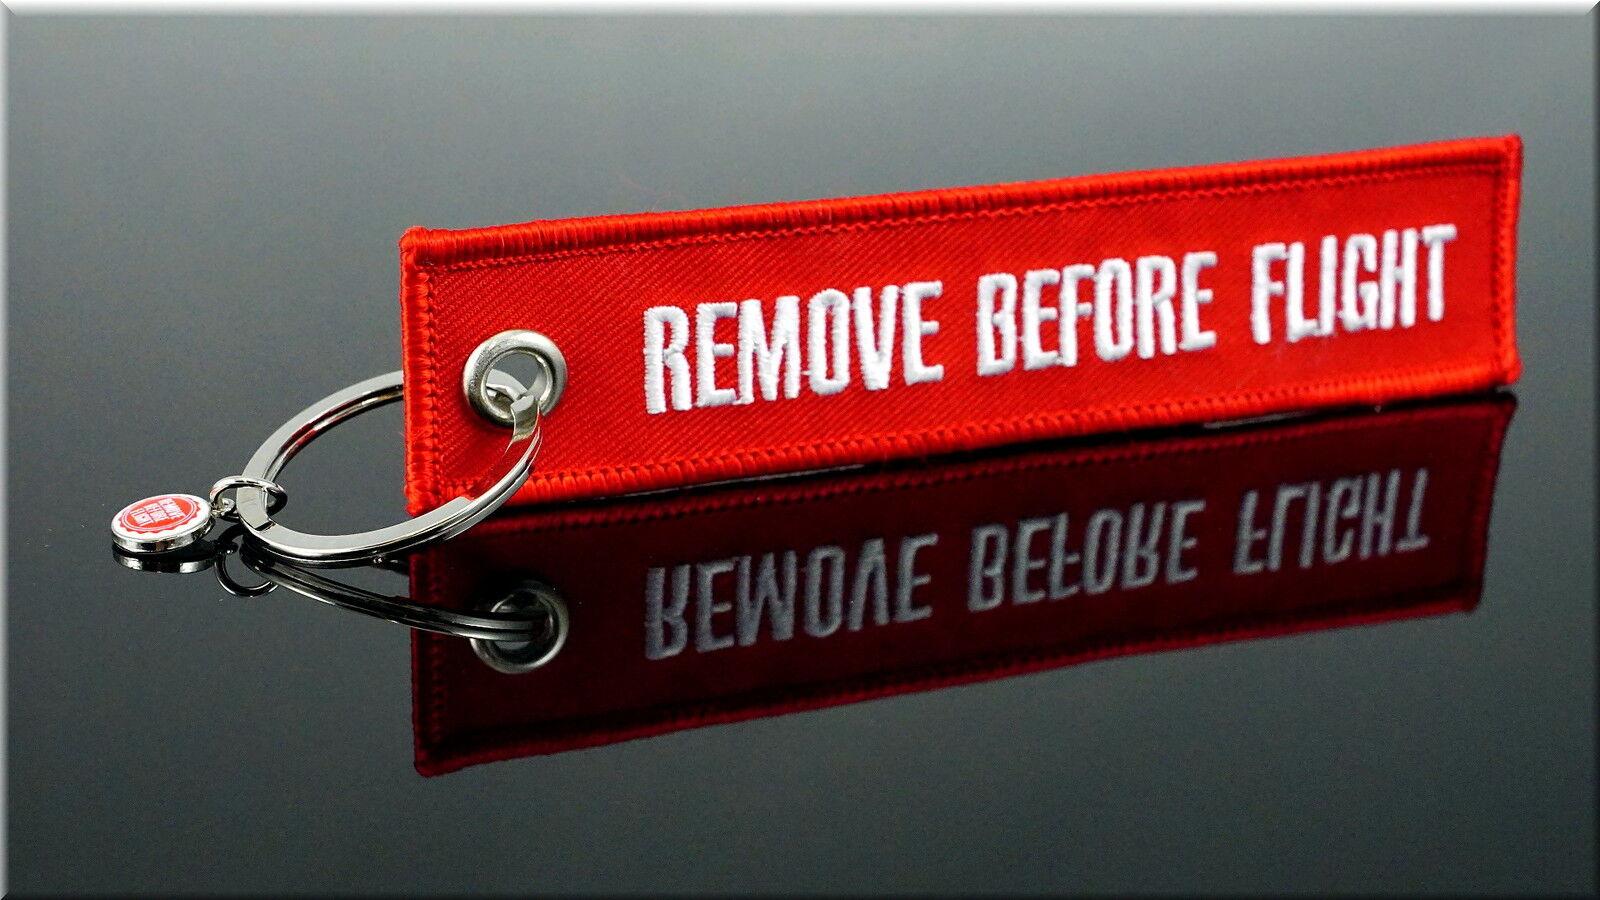 REMOVE BEFORE FLIGHT - Schlüsselanhänger - DAS ORIGINAL IM NEUEN DESIGN